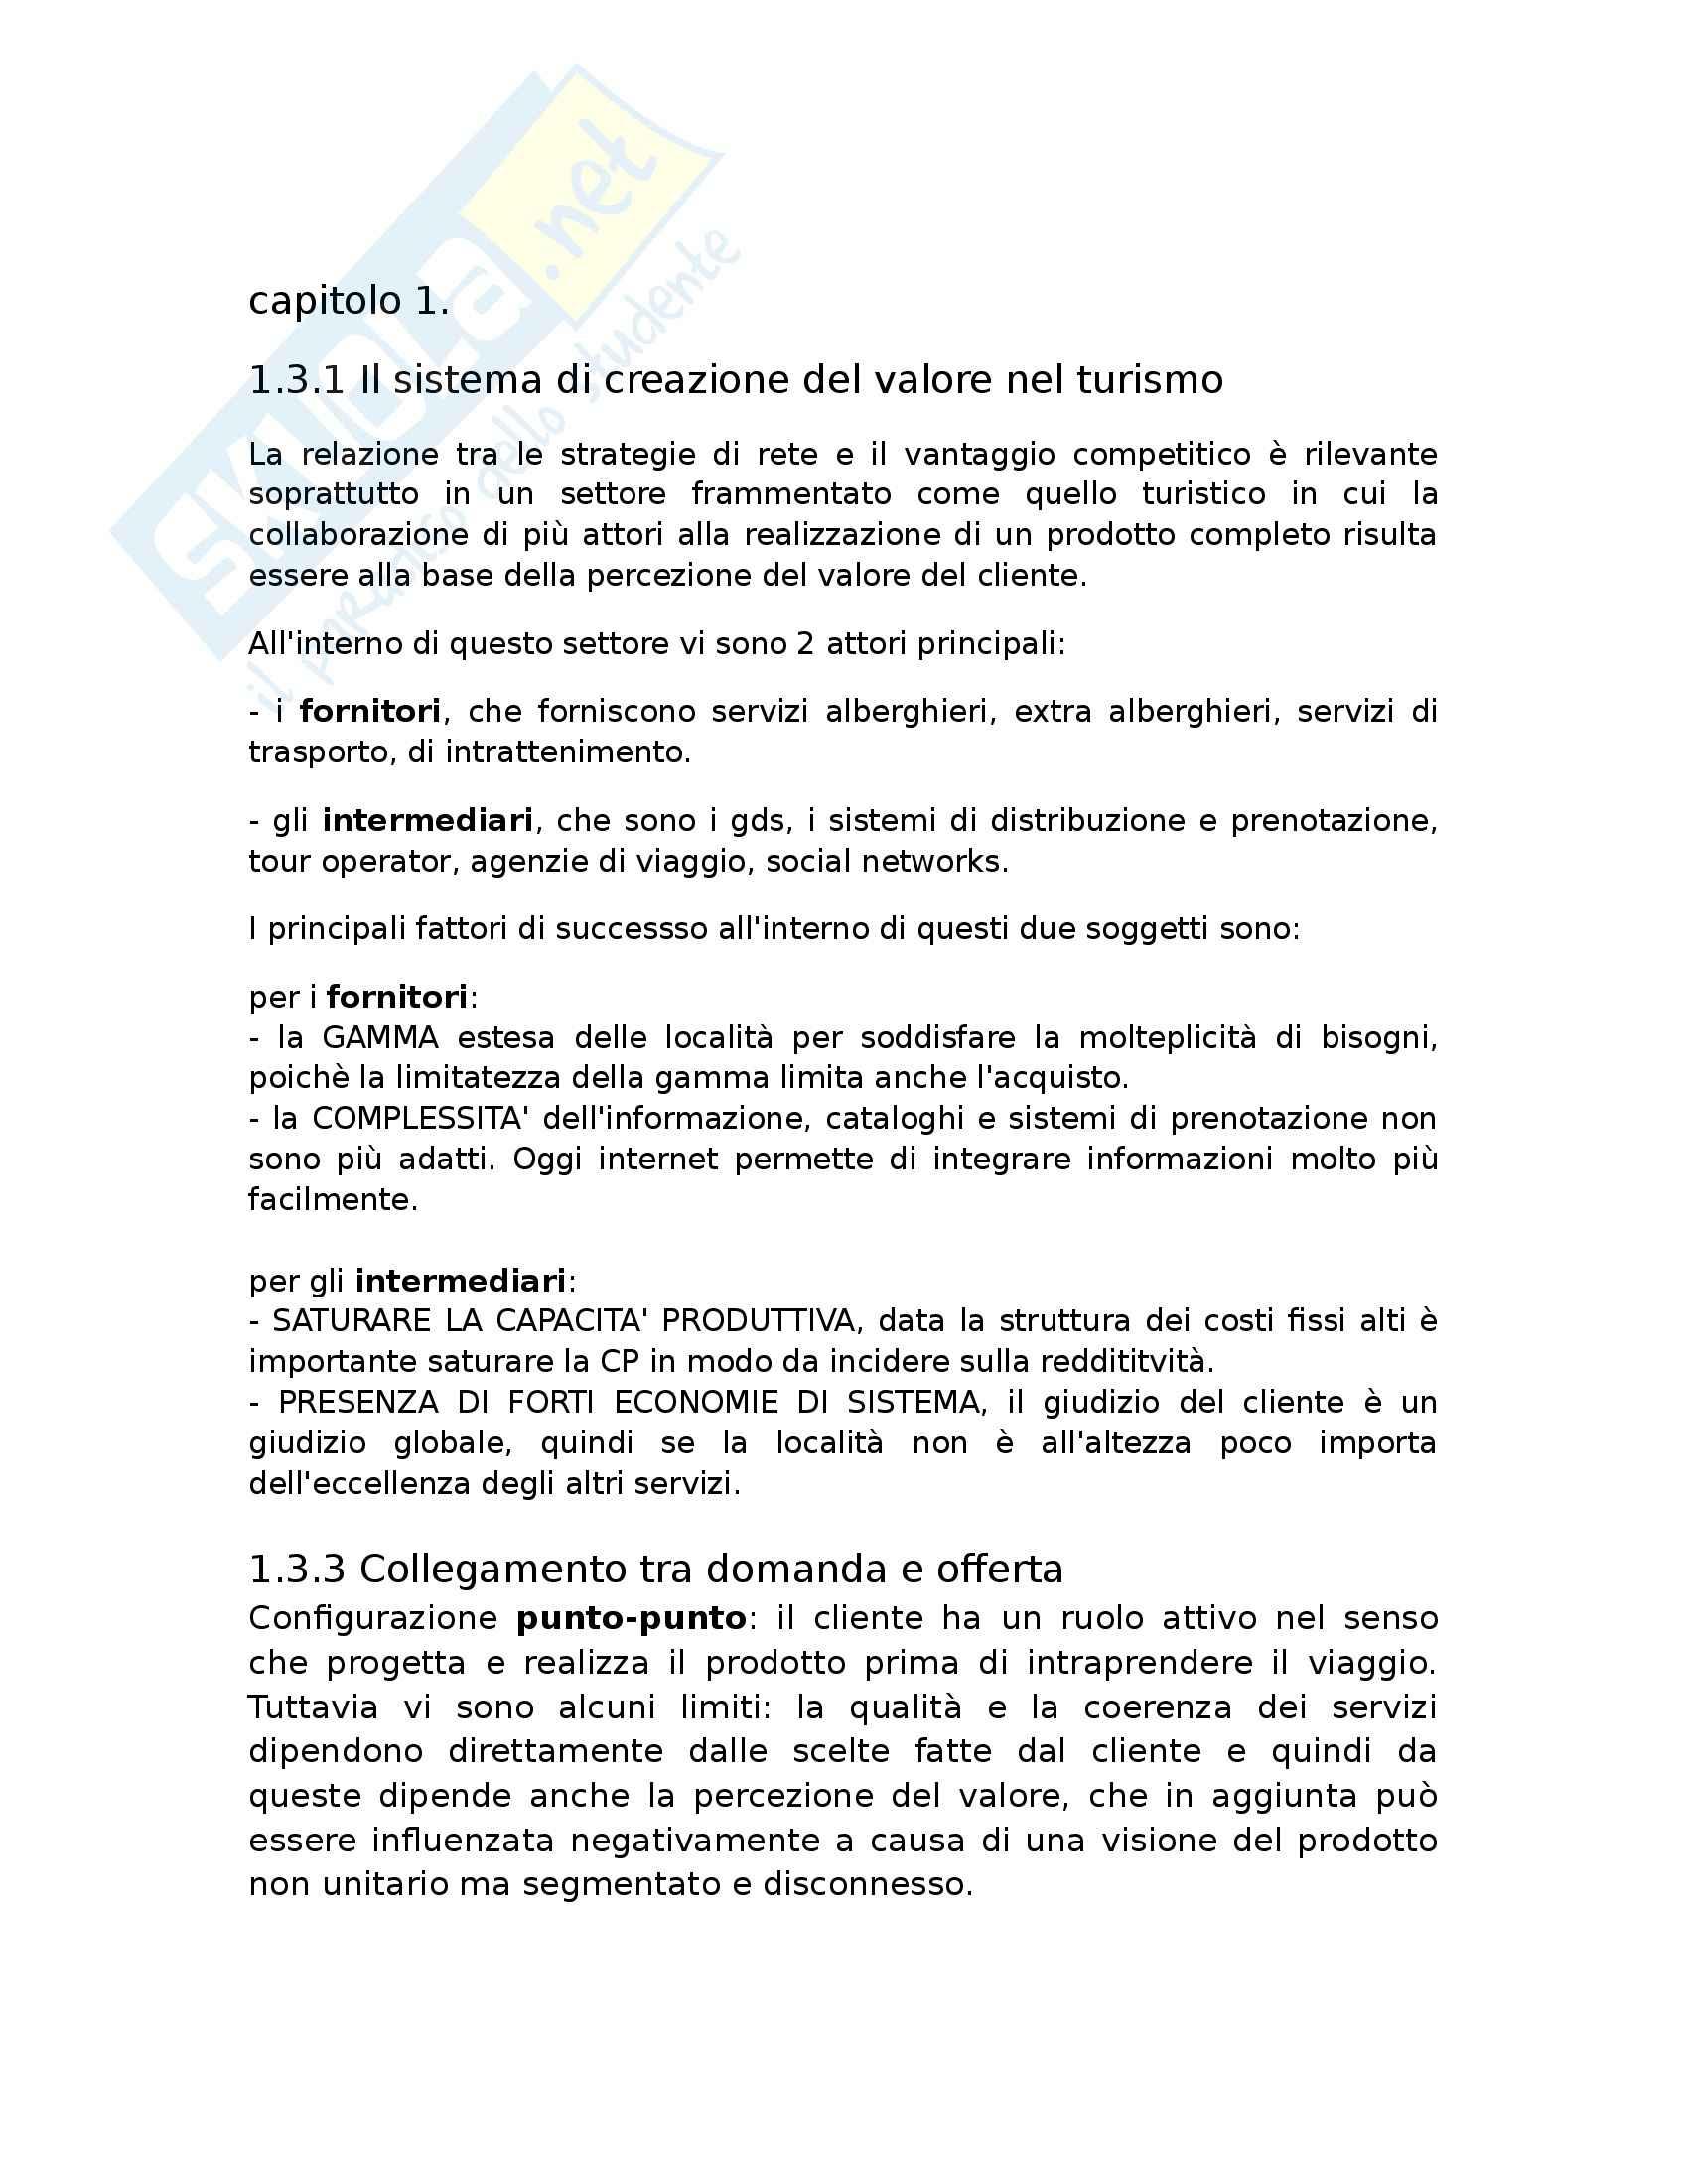 Riassunto esame Economia aziendale, prof. De Carlo, libro consigliato La co-creazione del valore nel turismo